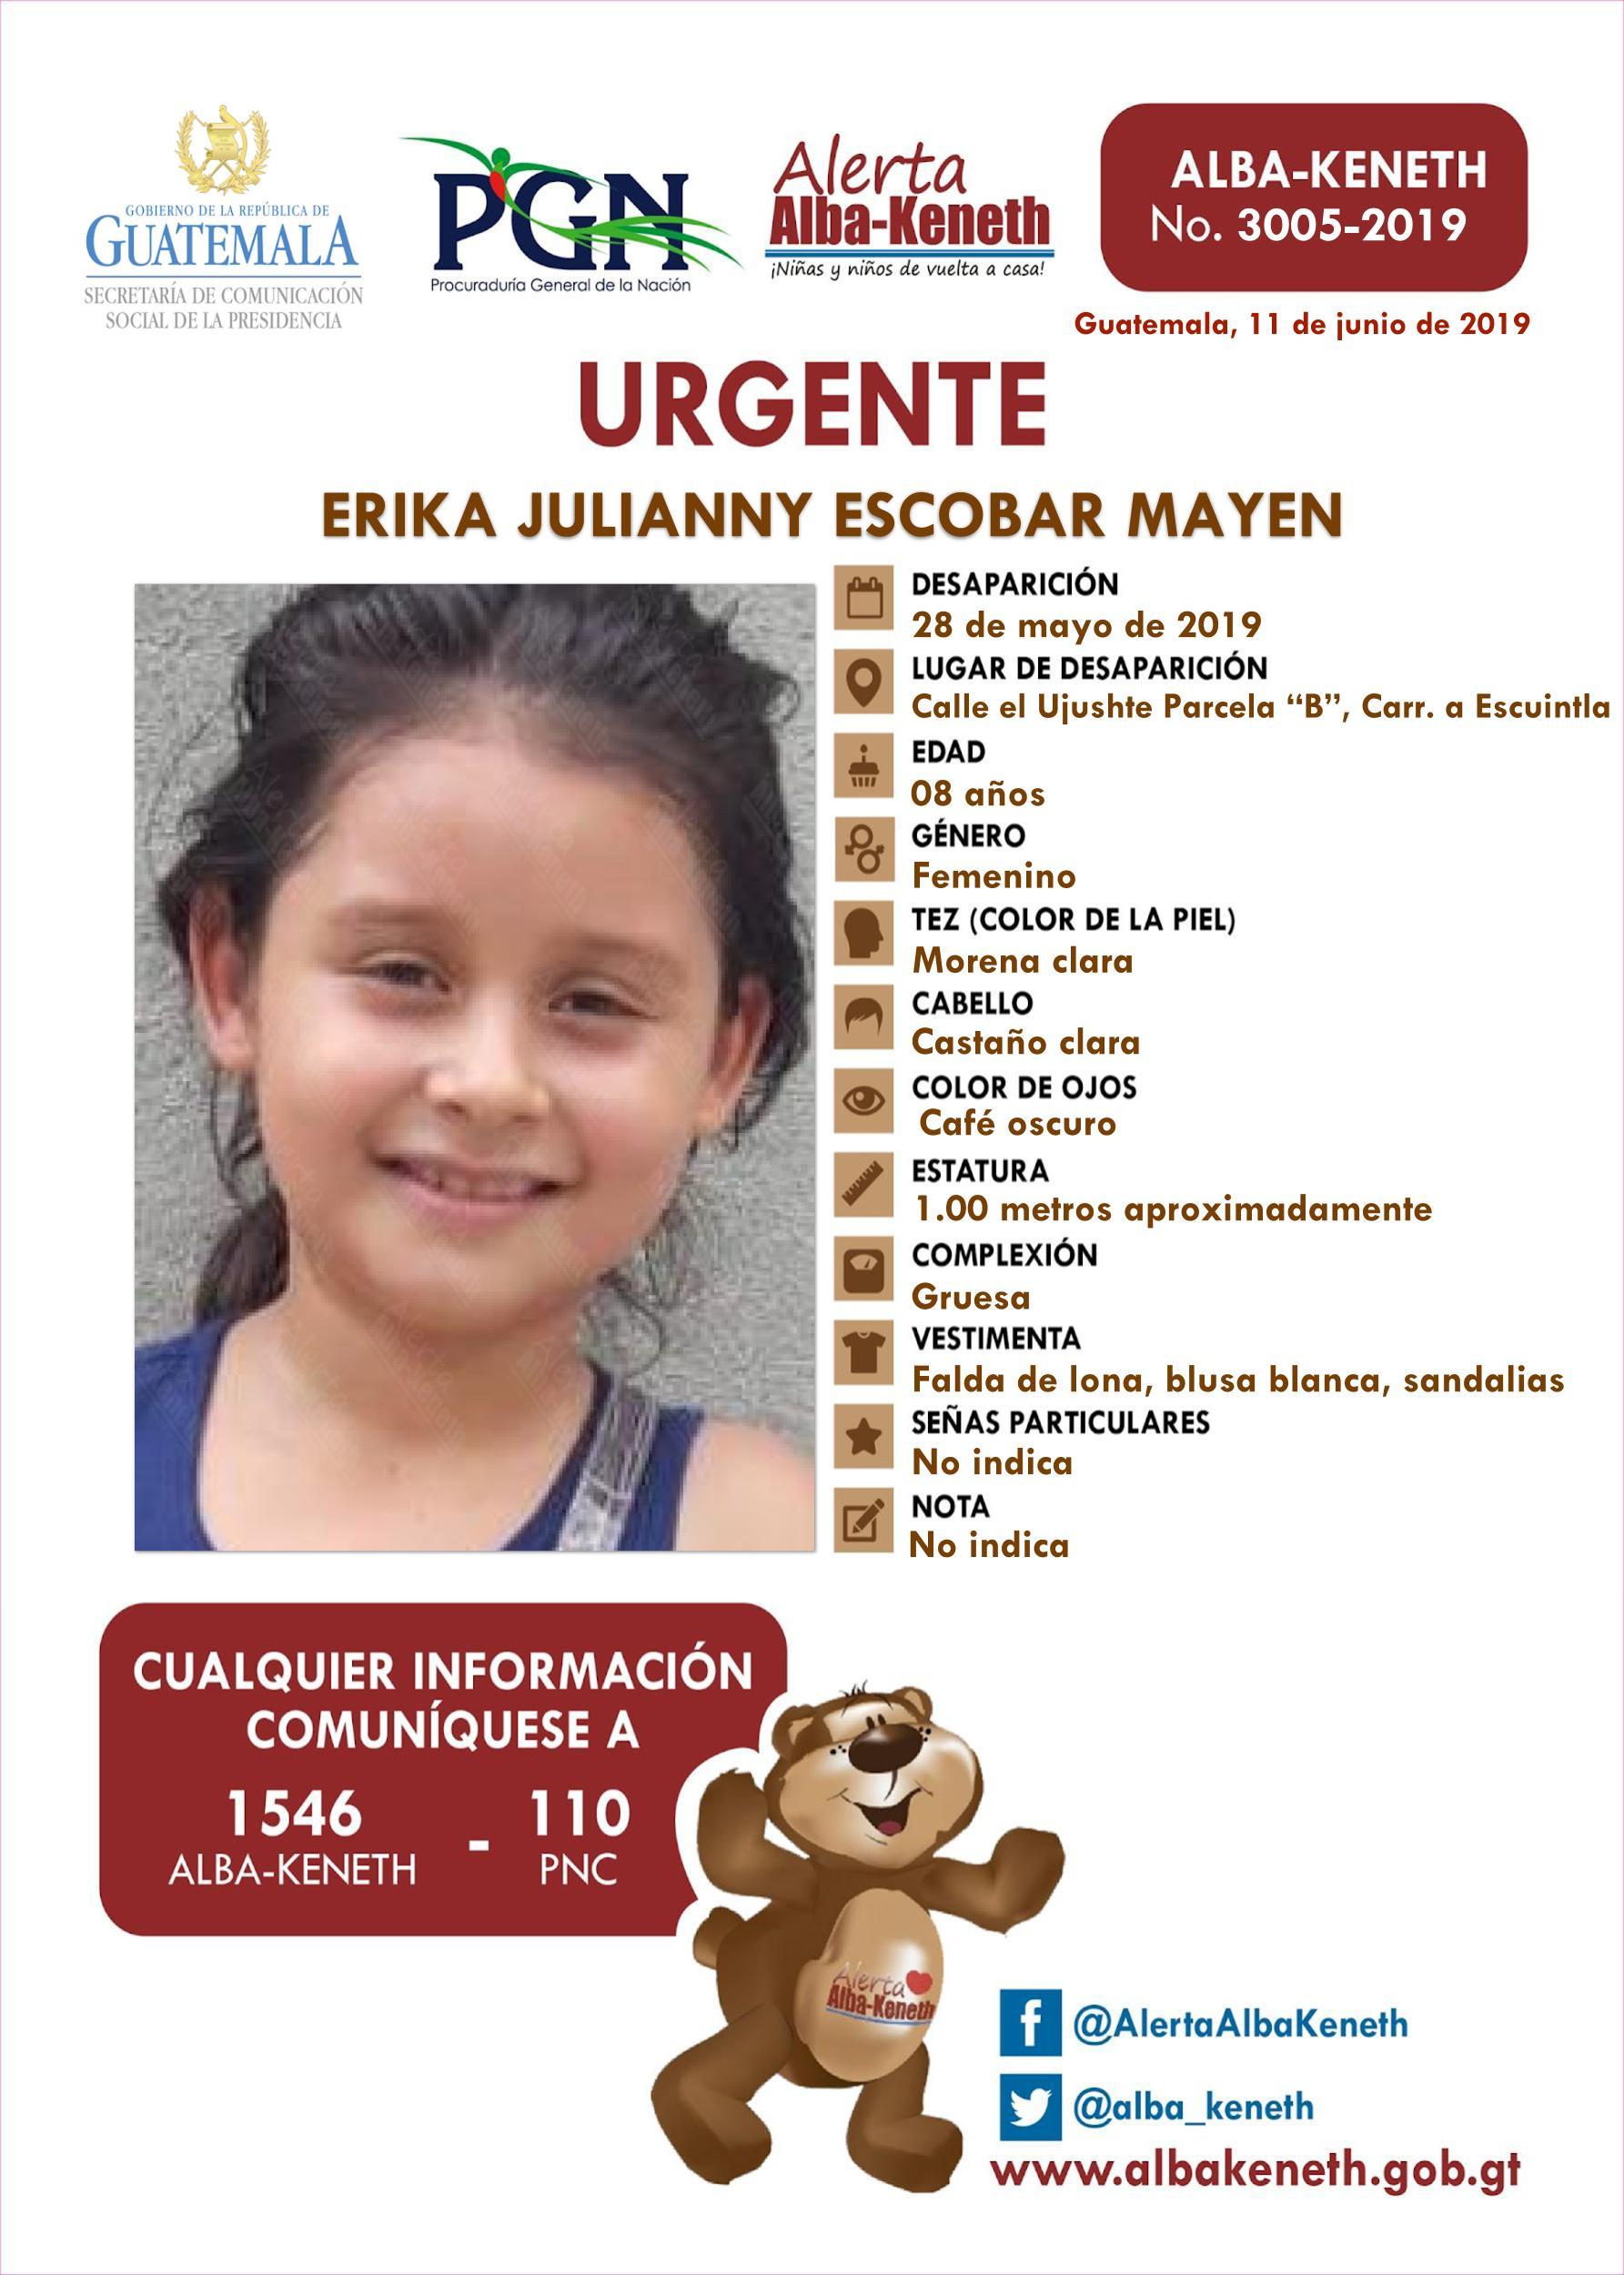 Erika Julianny Escobar Mayen